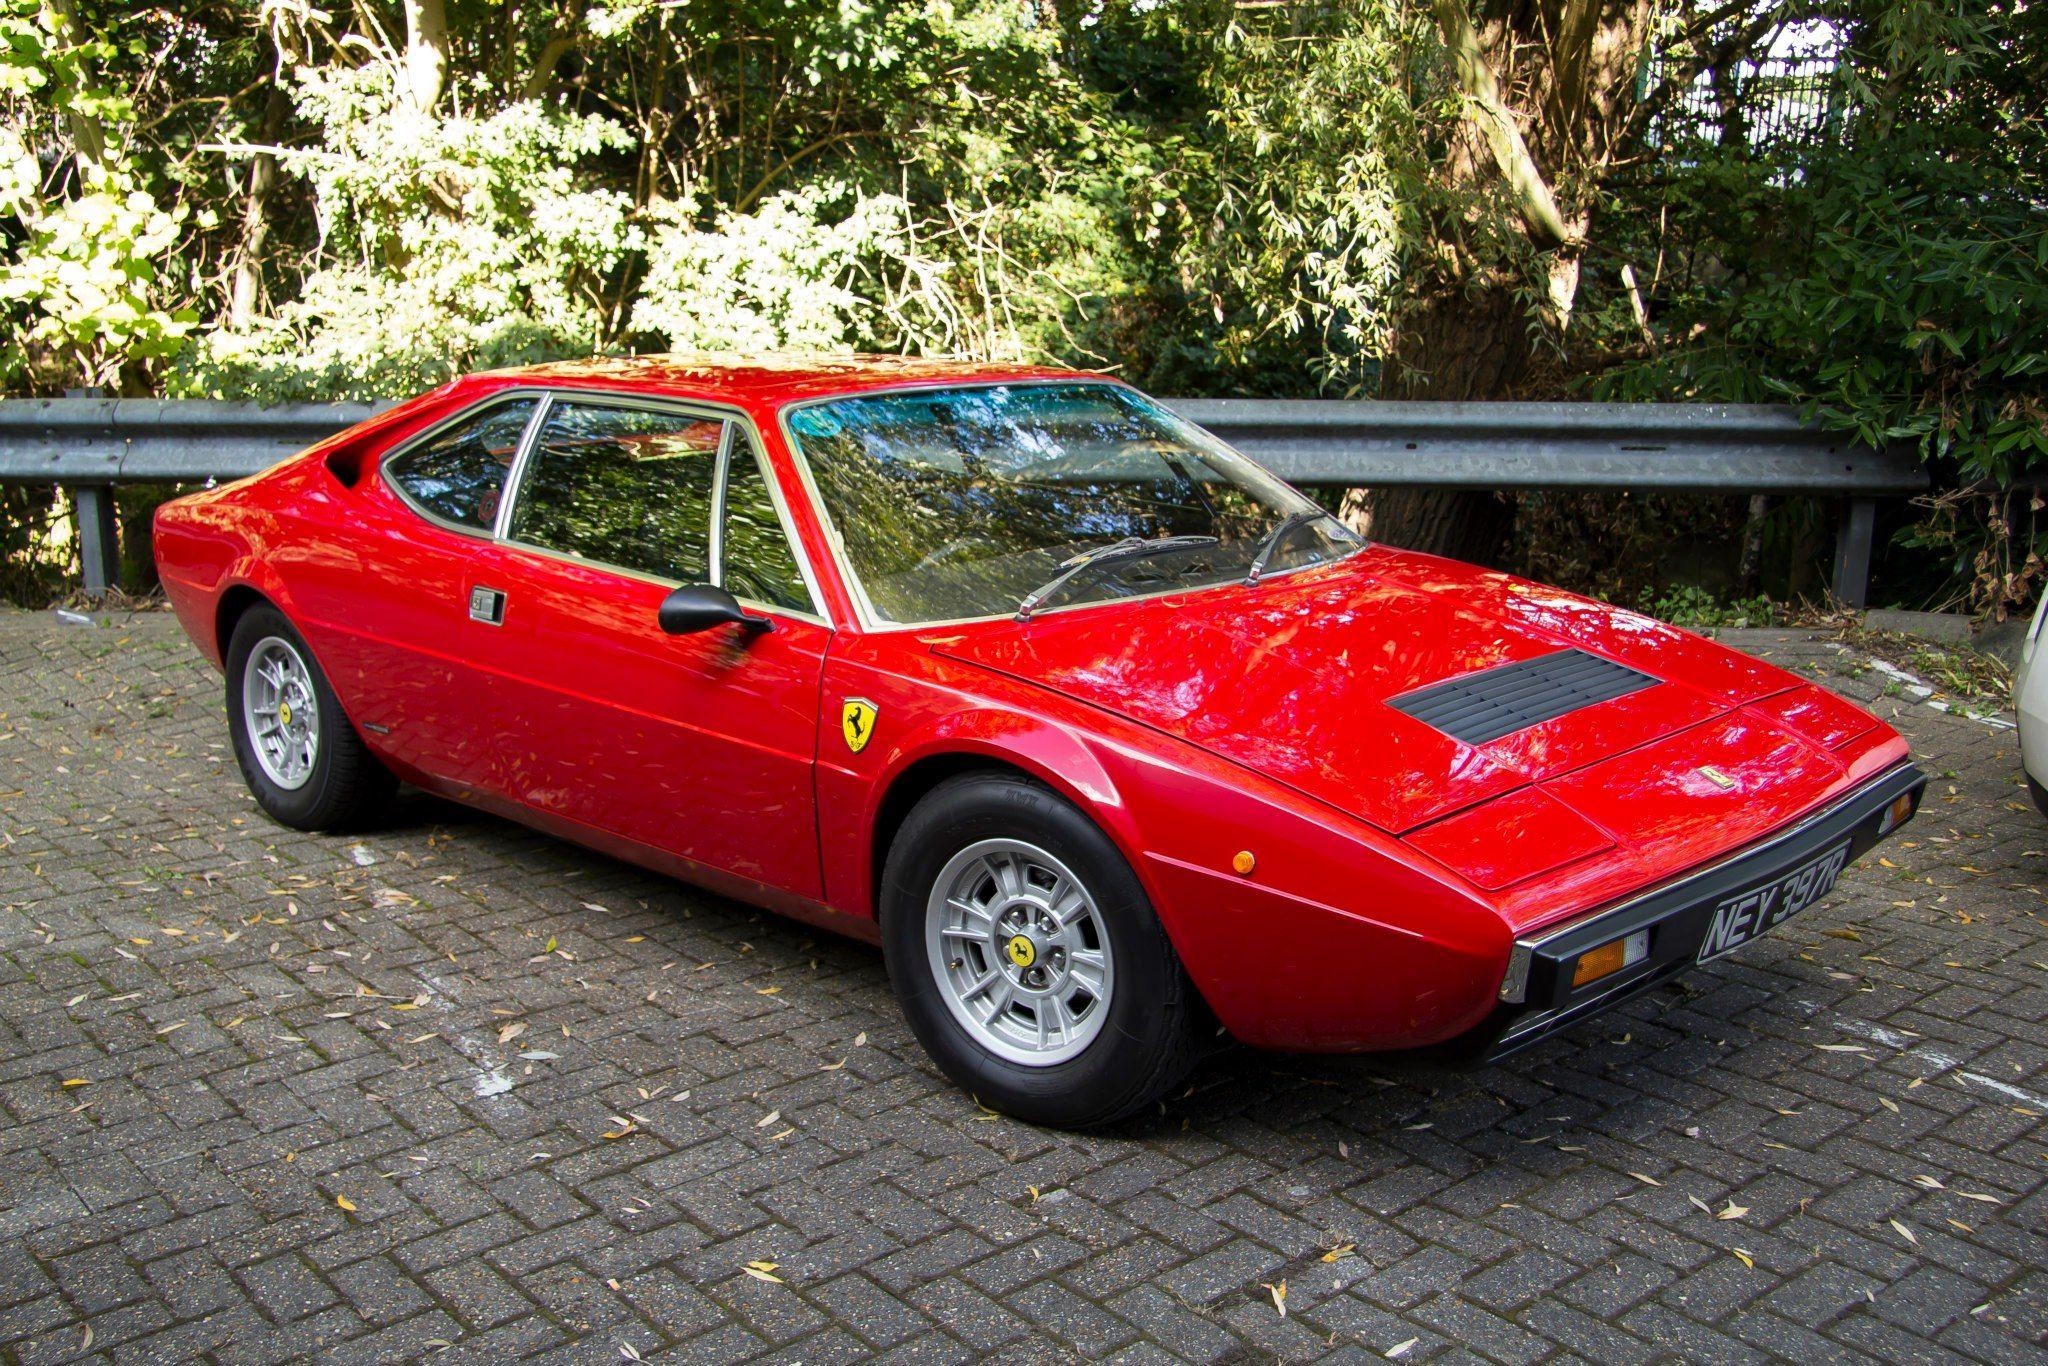 Ferrari Dino 308 Gt4 A Fun Car To Drive Classic Cars